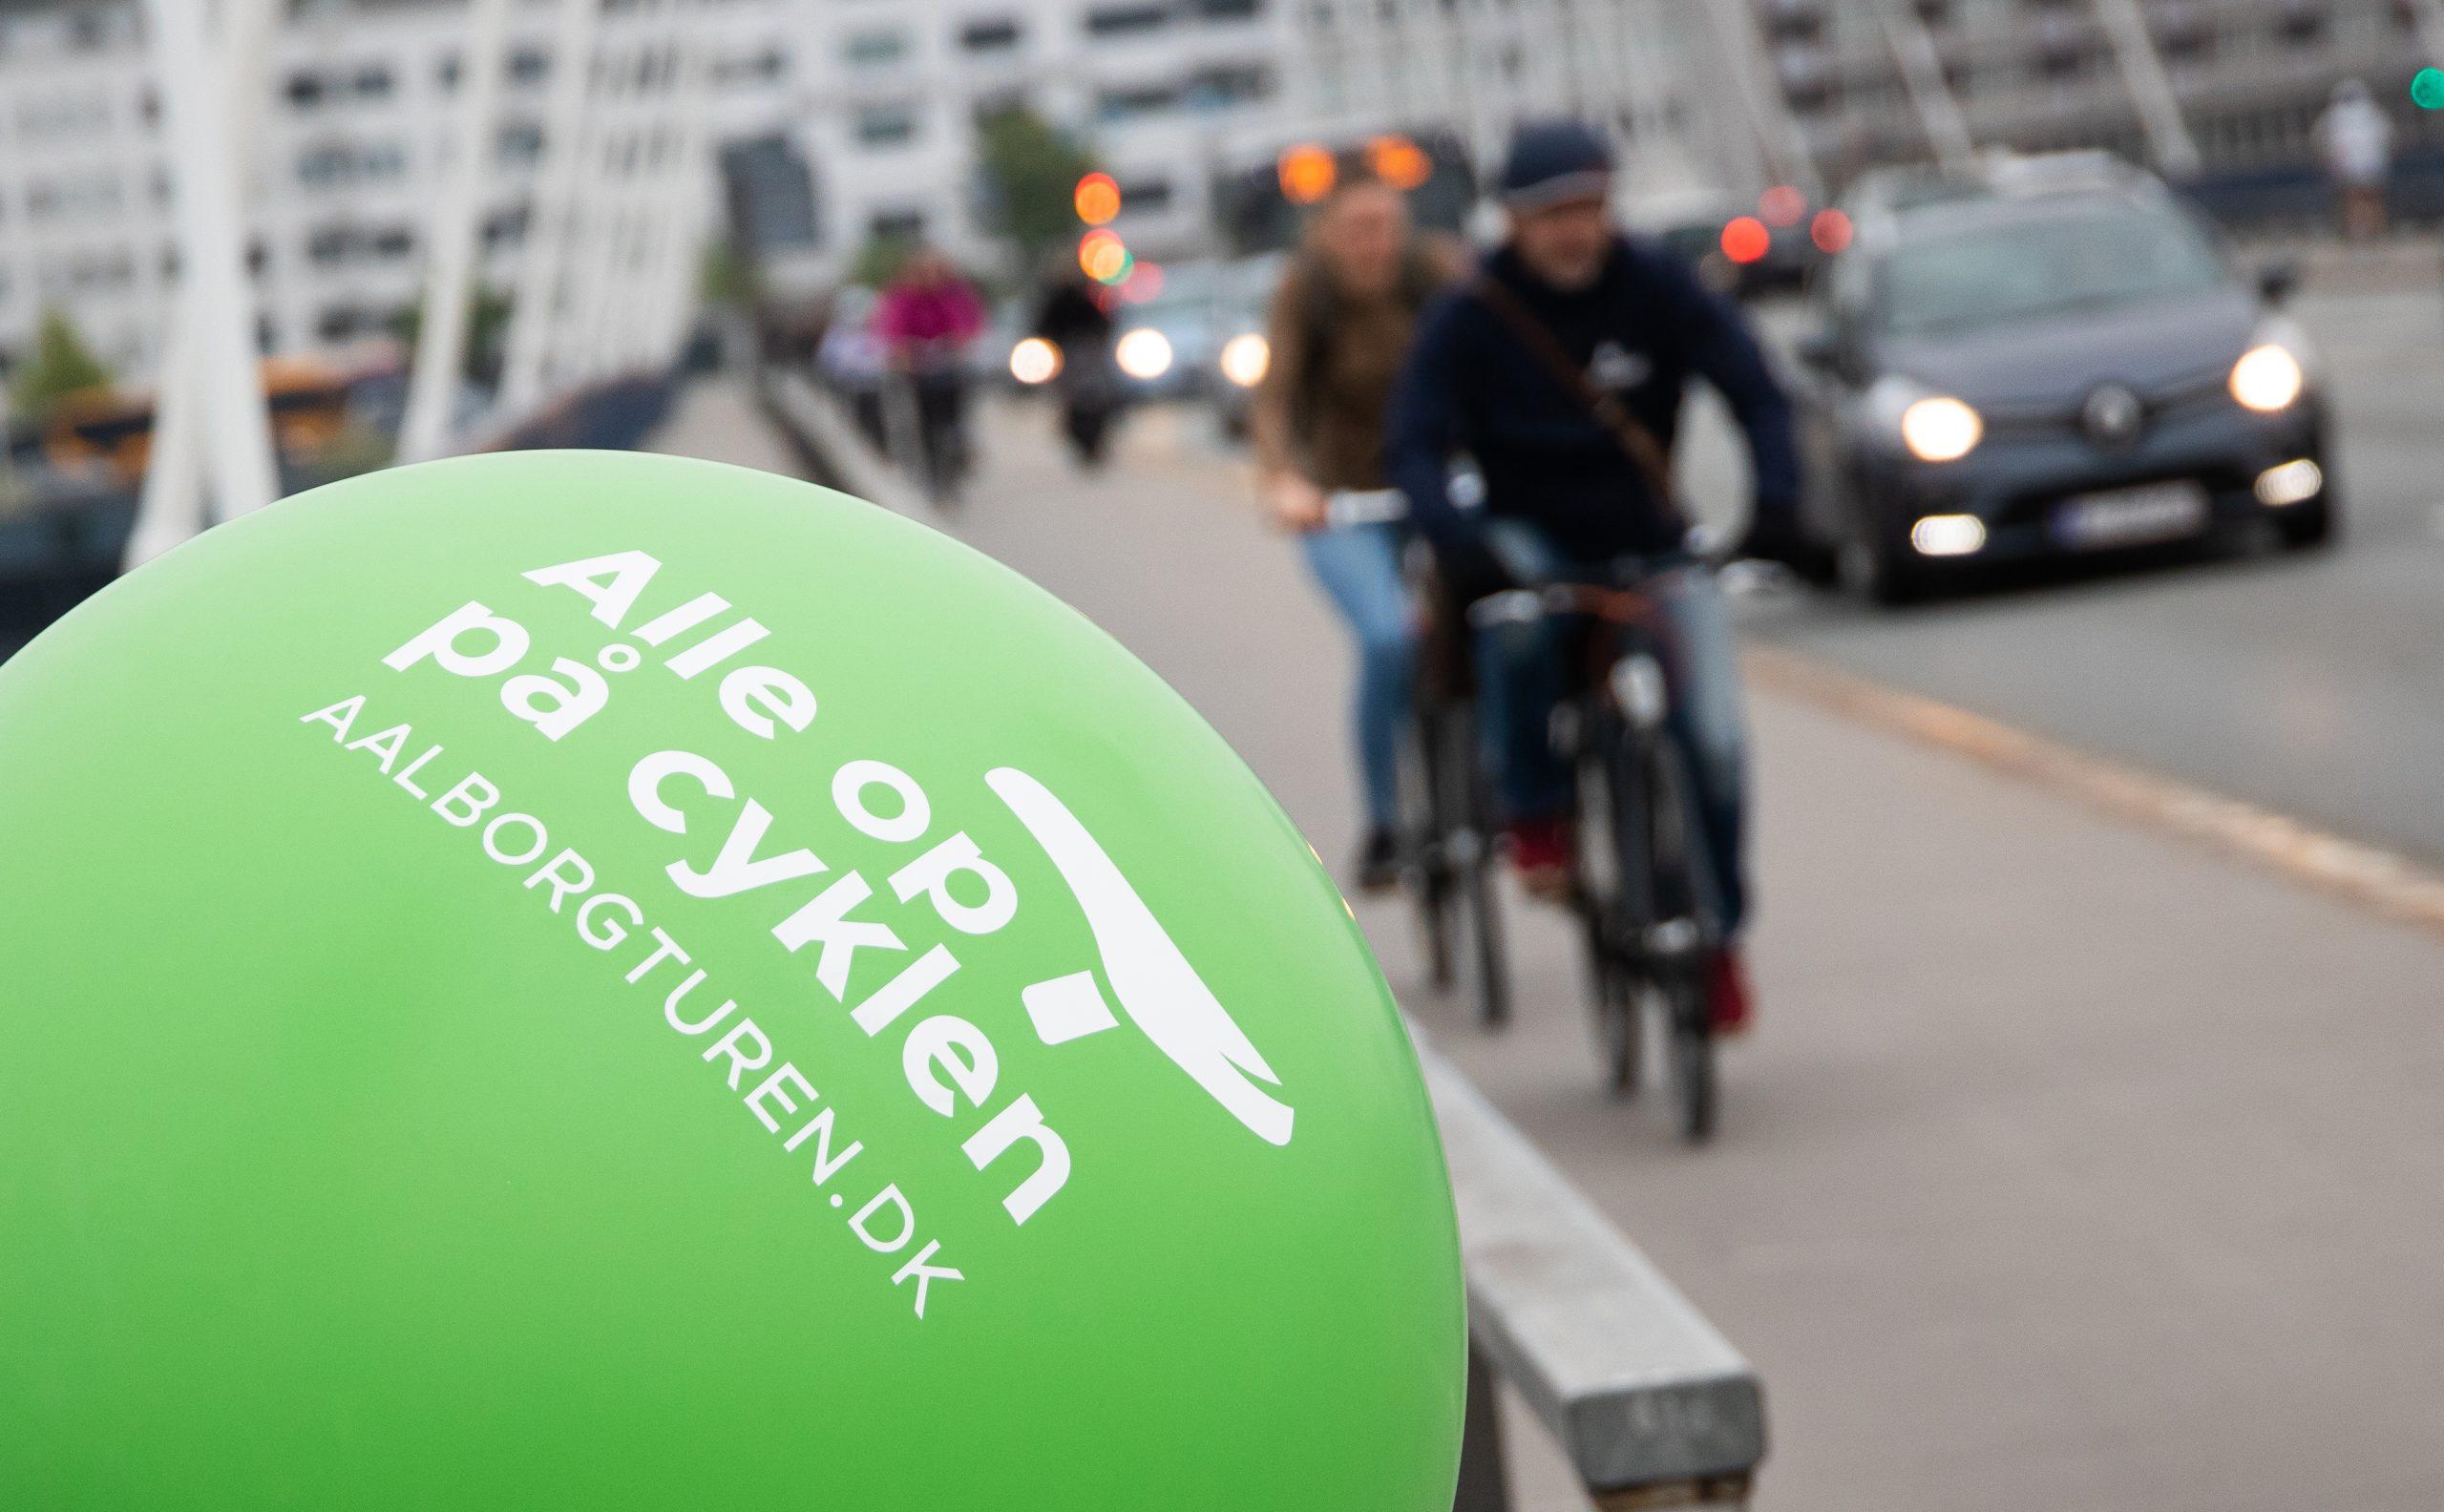 Tour-stemning i Aalborg: Politikere hepper folk på job og skole i morgen